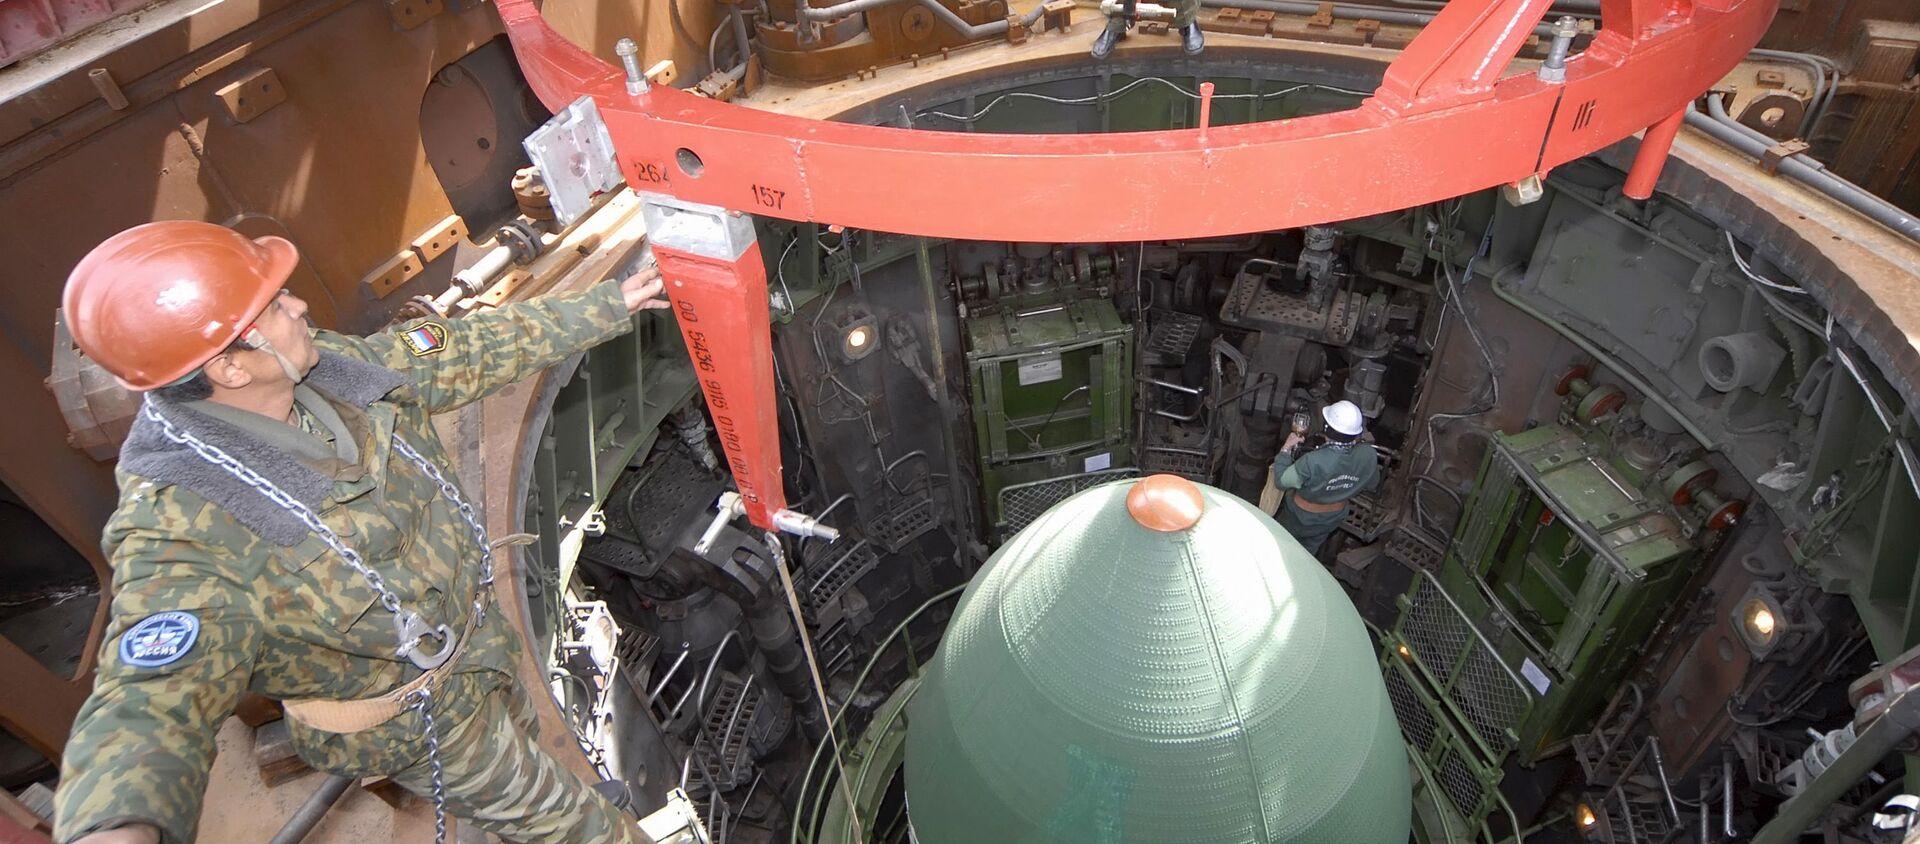 Подготовка шахтной пусковой установки для запуска конверсионной ракеты РС-20 Днепр на космодроме Байконур - Sputnik Узбекистан, 1920, 17.12.2020